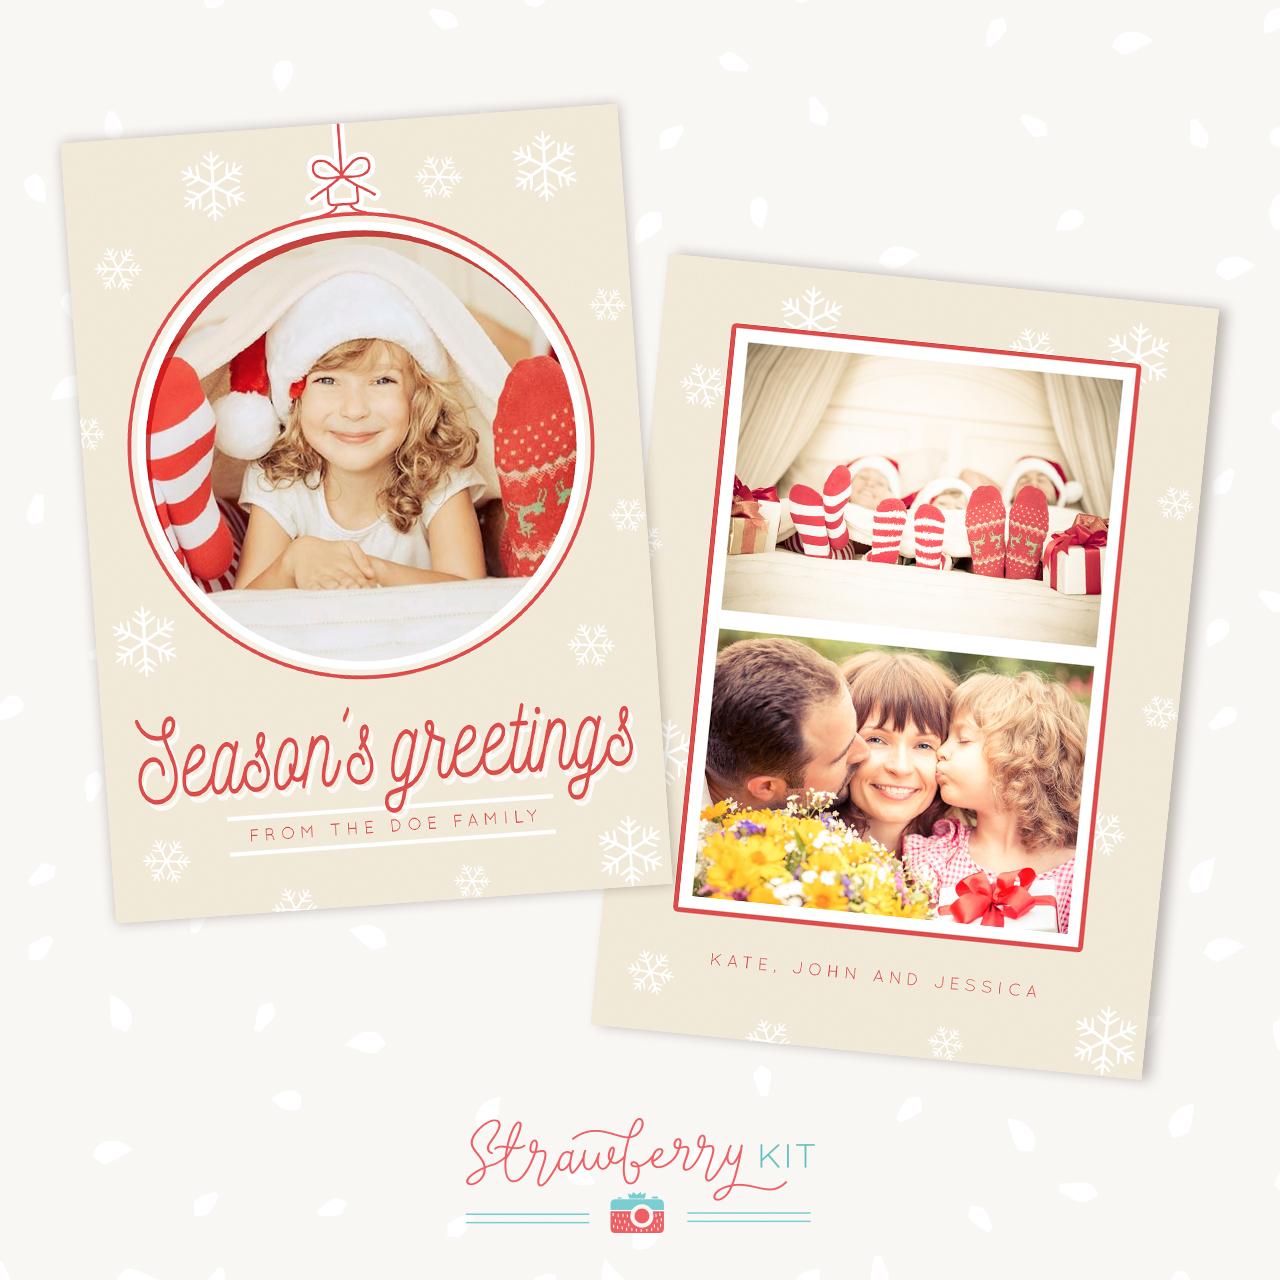 Christmas Card Template Christmas Ball Strawberry Kit - Christmas card templates for photographers 2